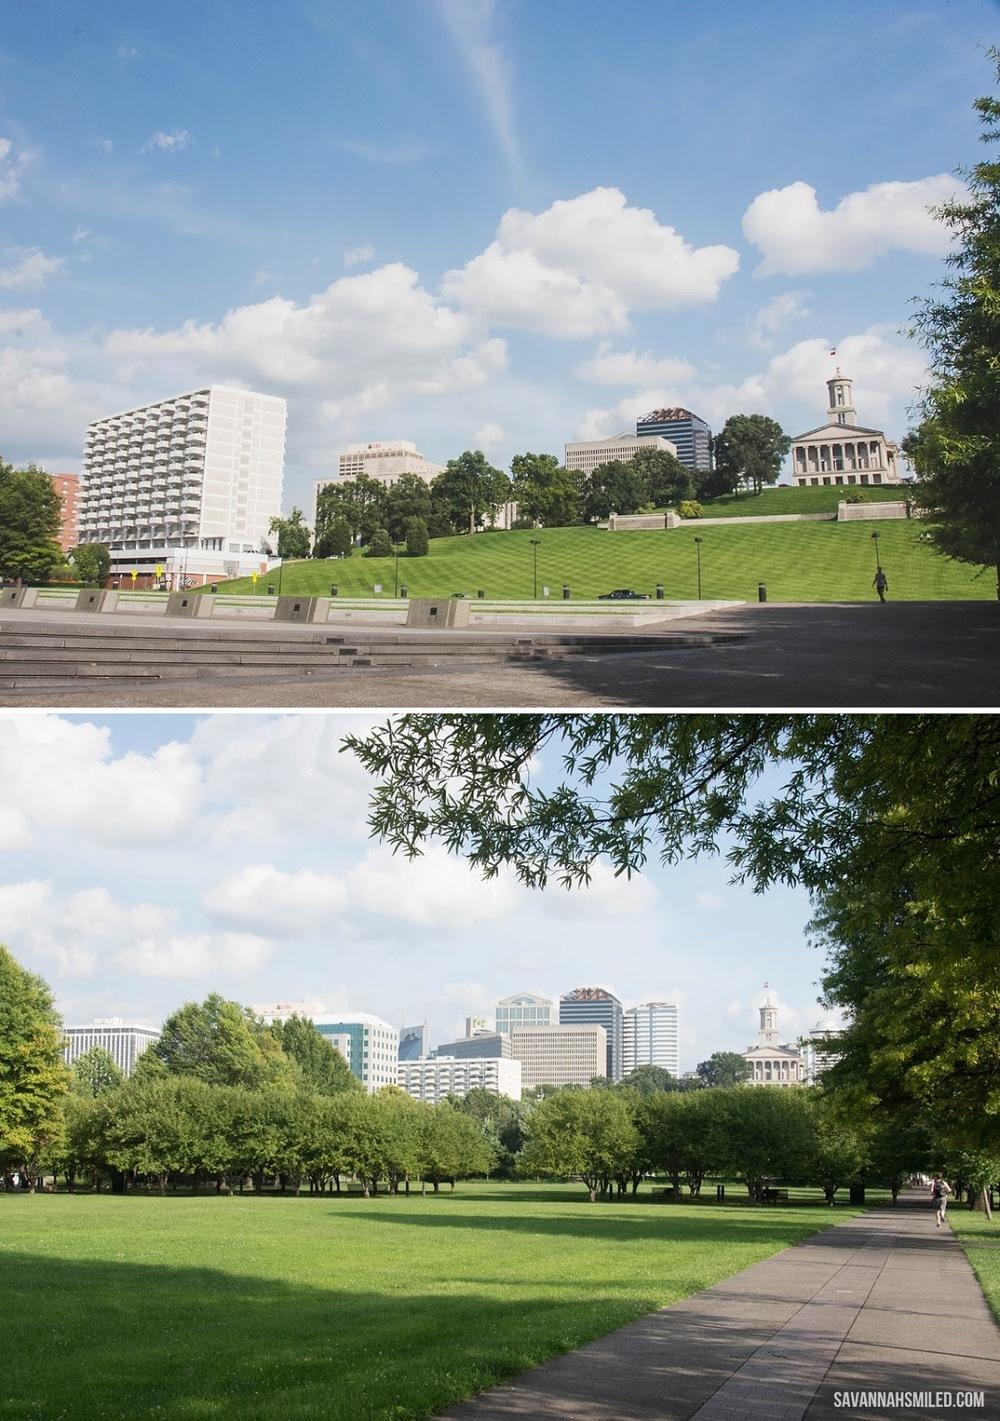 nashville-Bicentennial-Capitol-Mall%2BState-Park-2.jpg